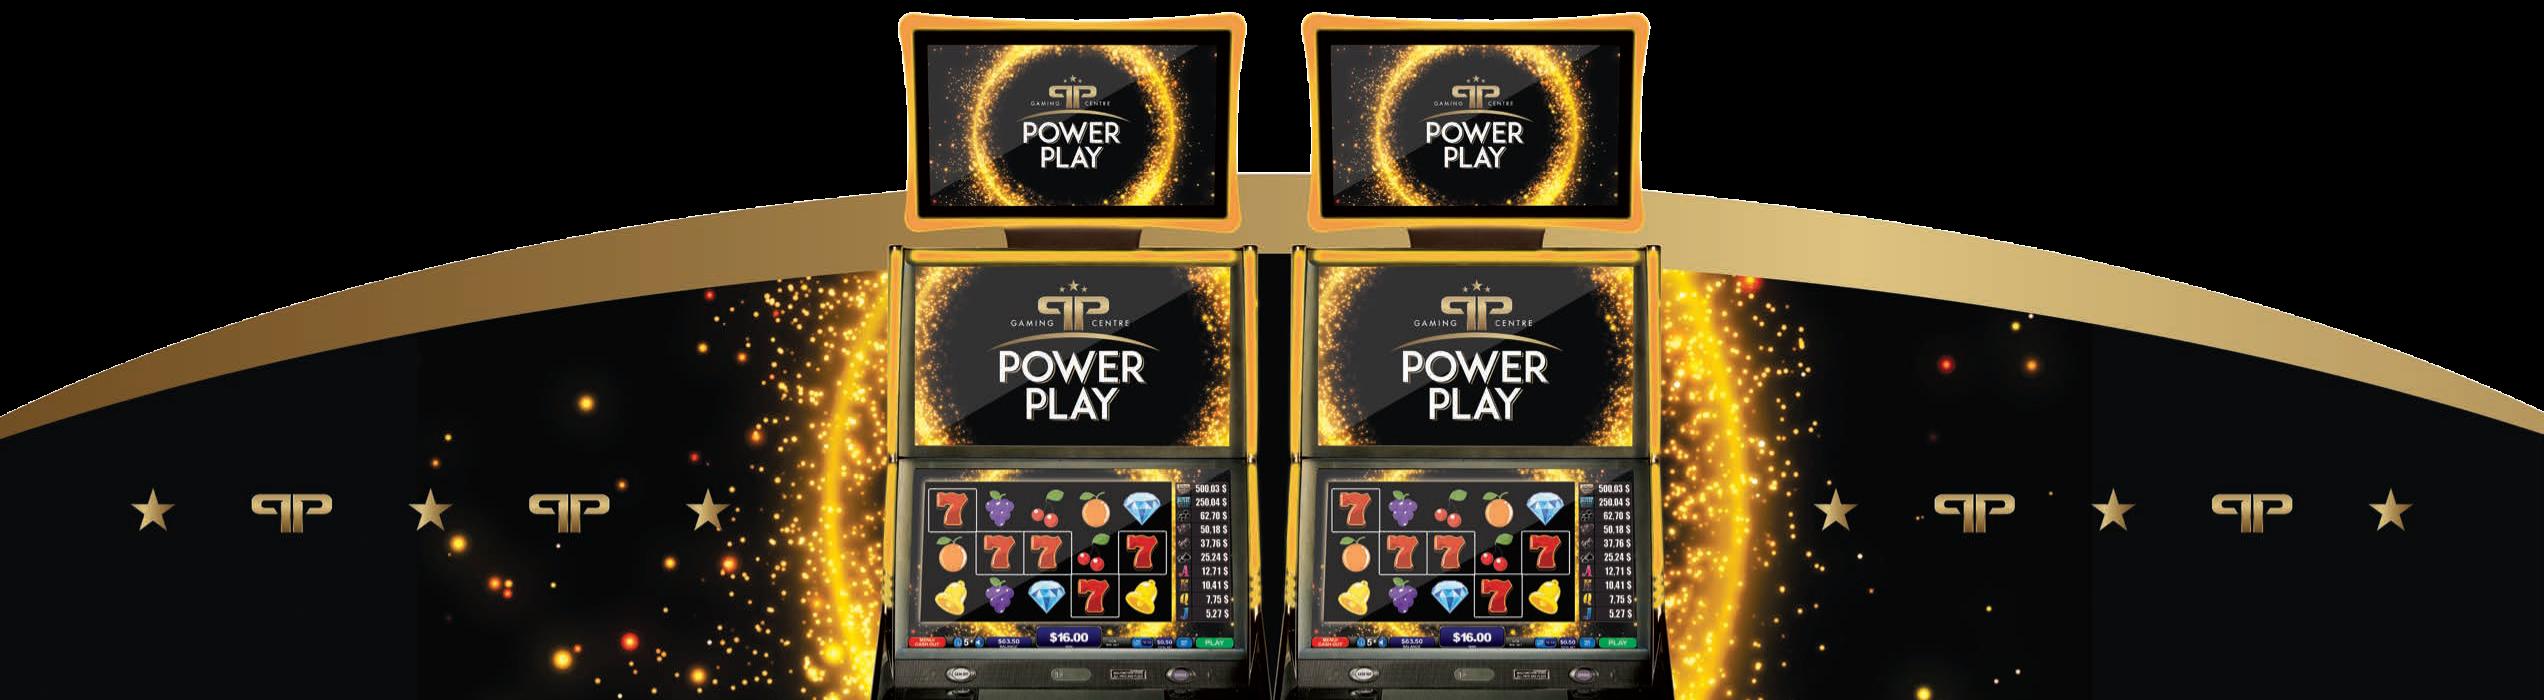 powerplay-gaming-centre-windsor-tecumseh-essex-ontario